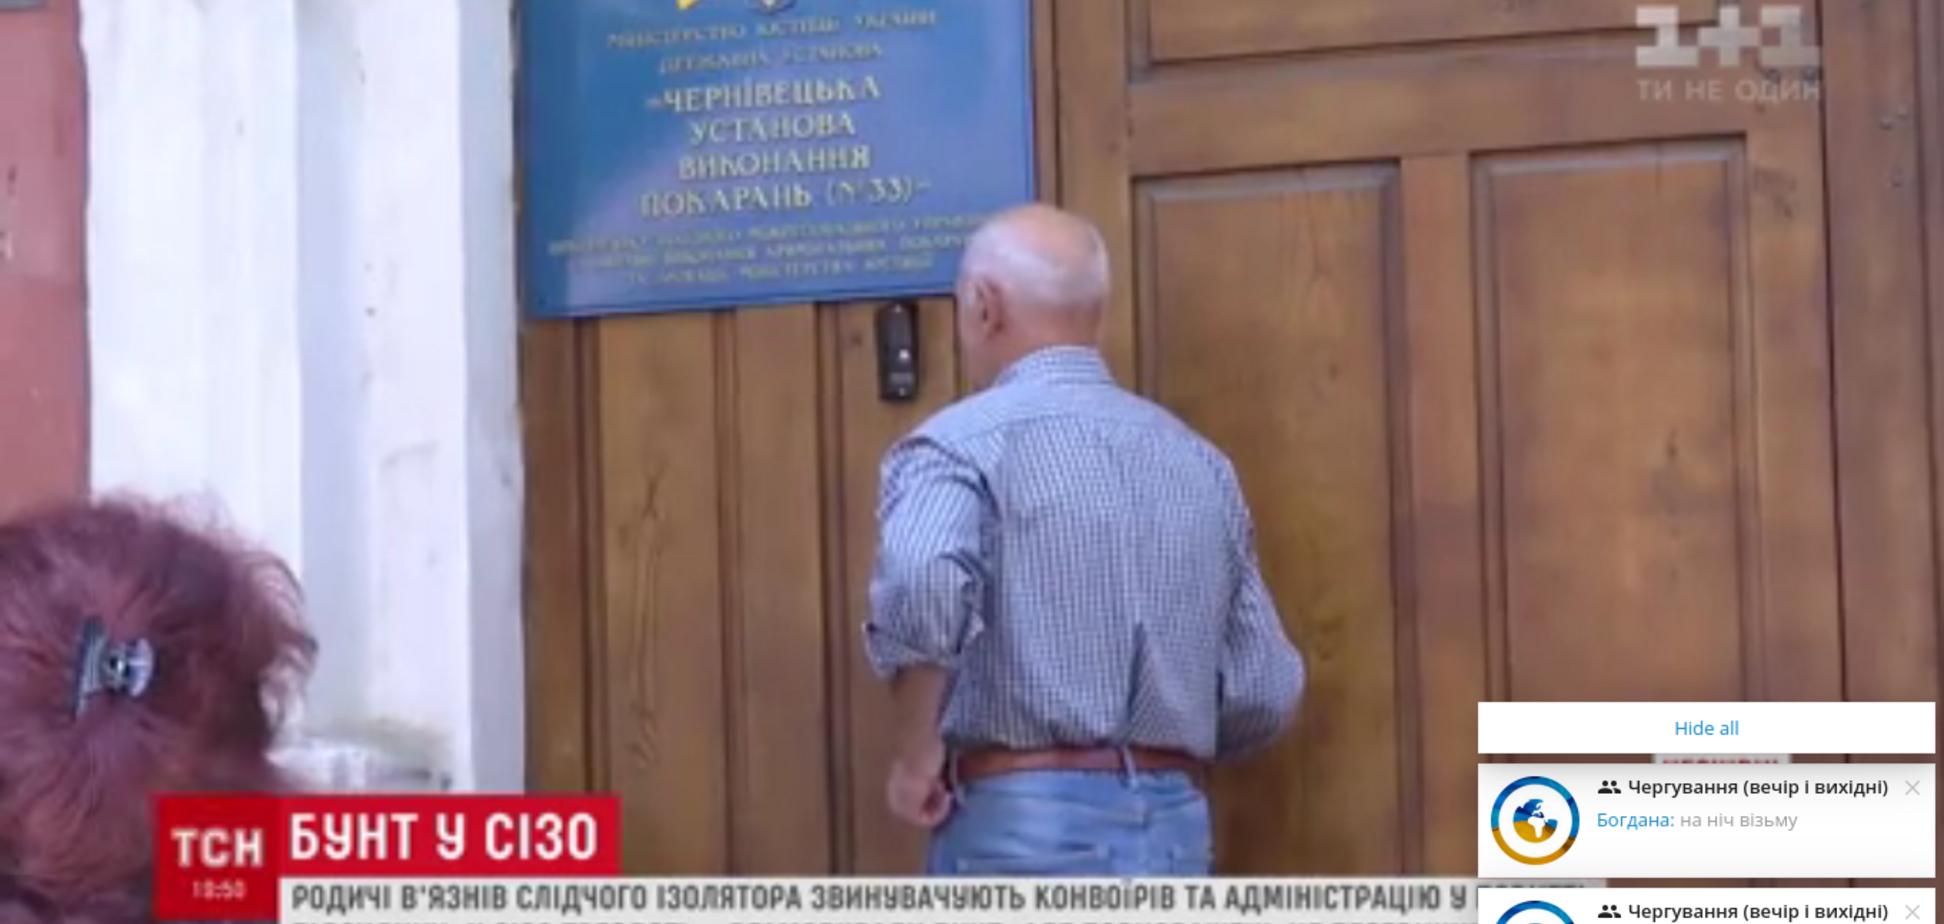 Ув'язнені Чернівецького СІЗО влаштували бунт: подробиці скандалу